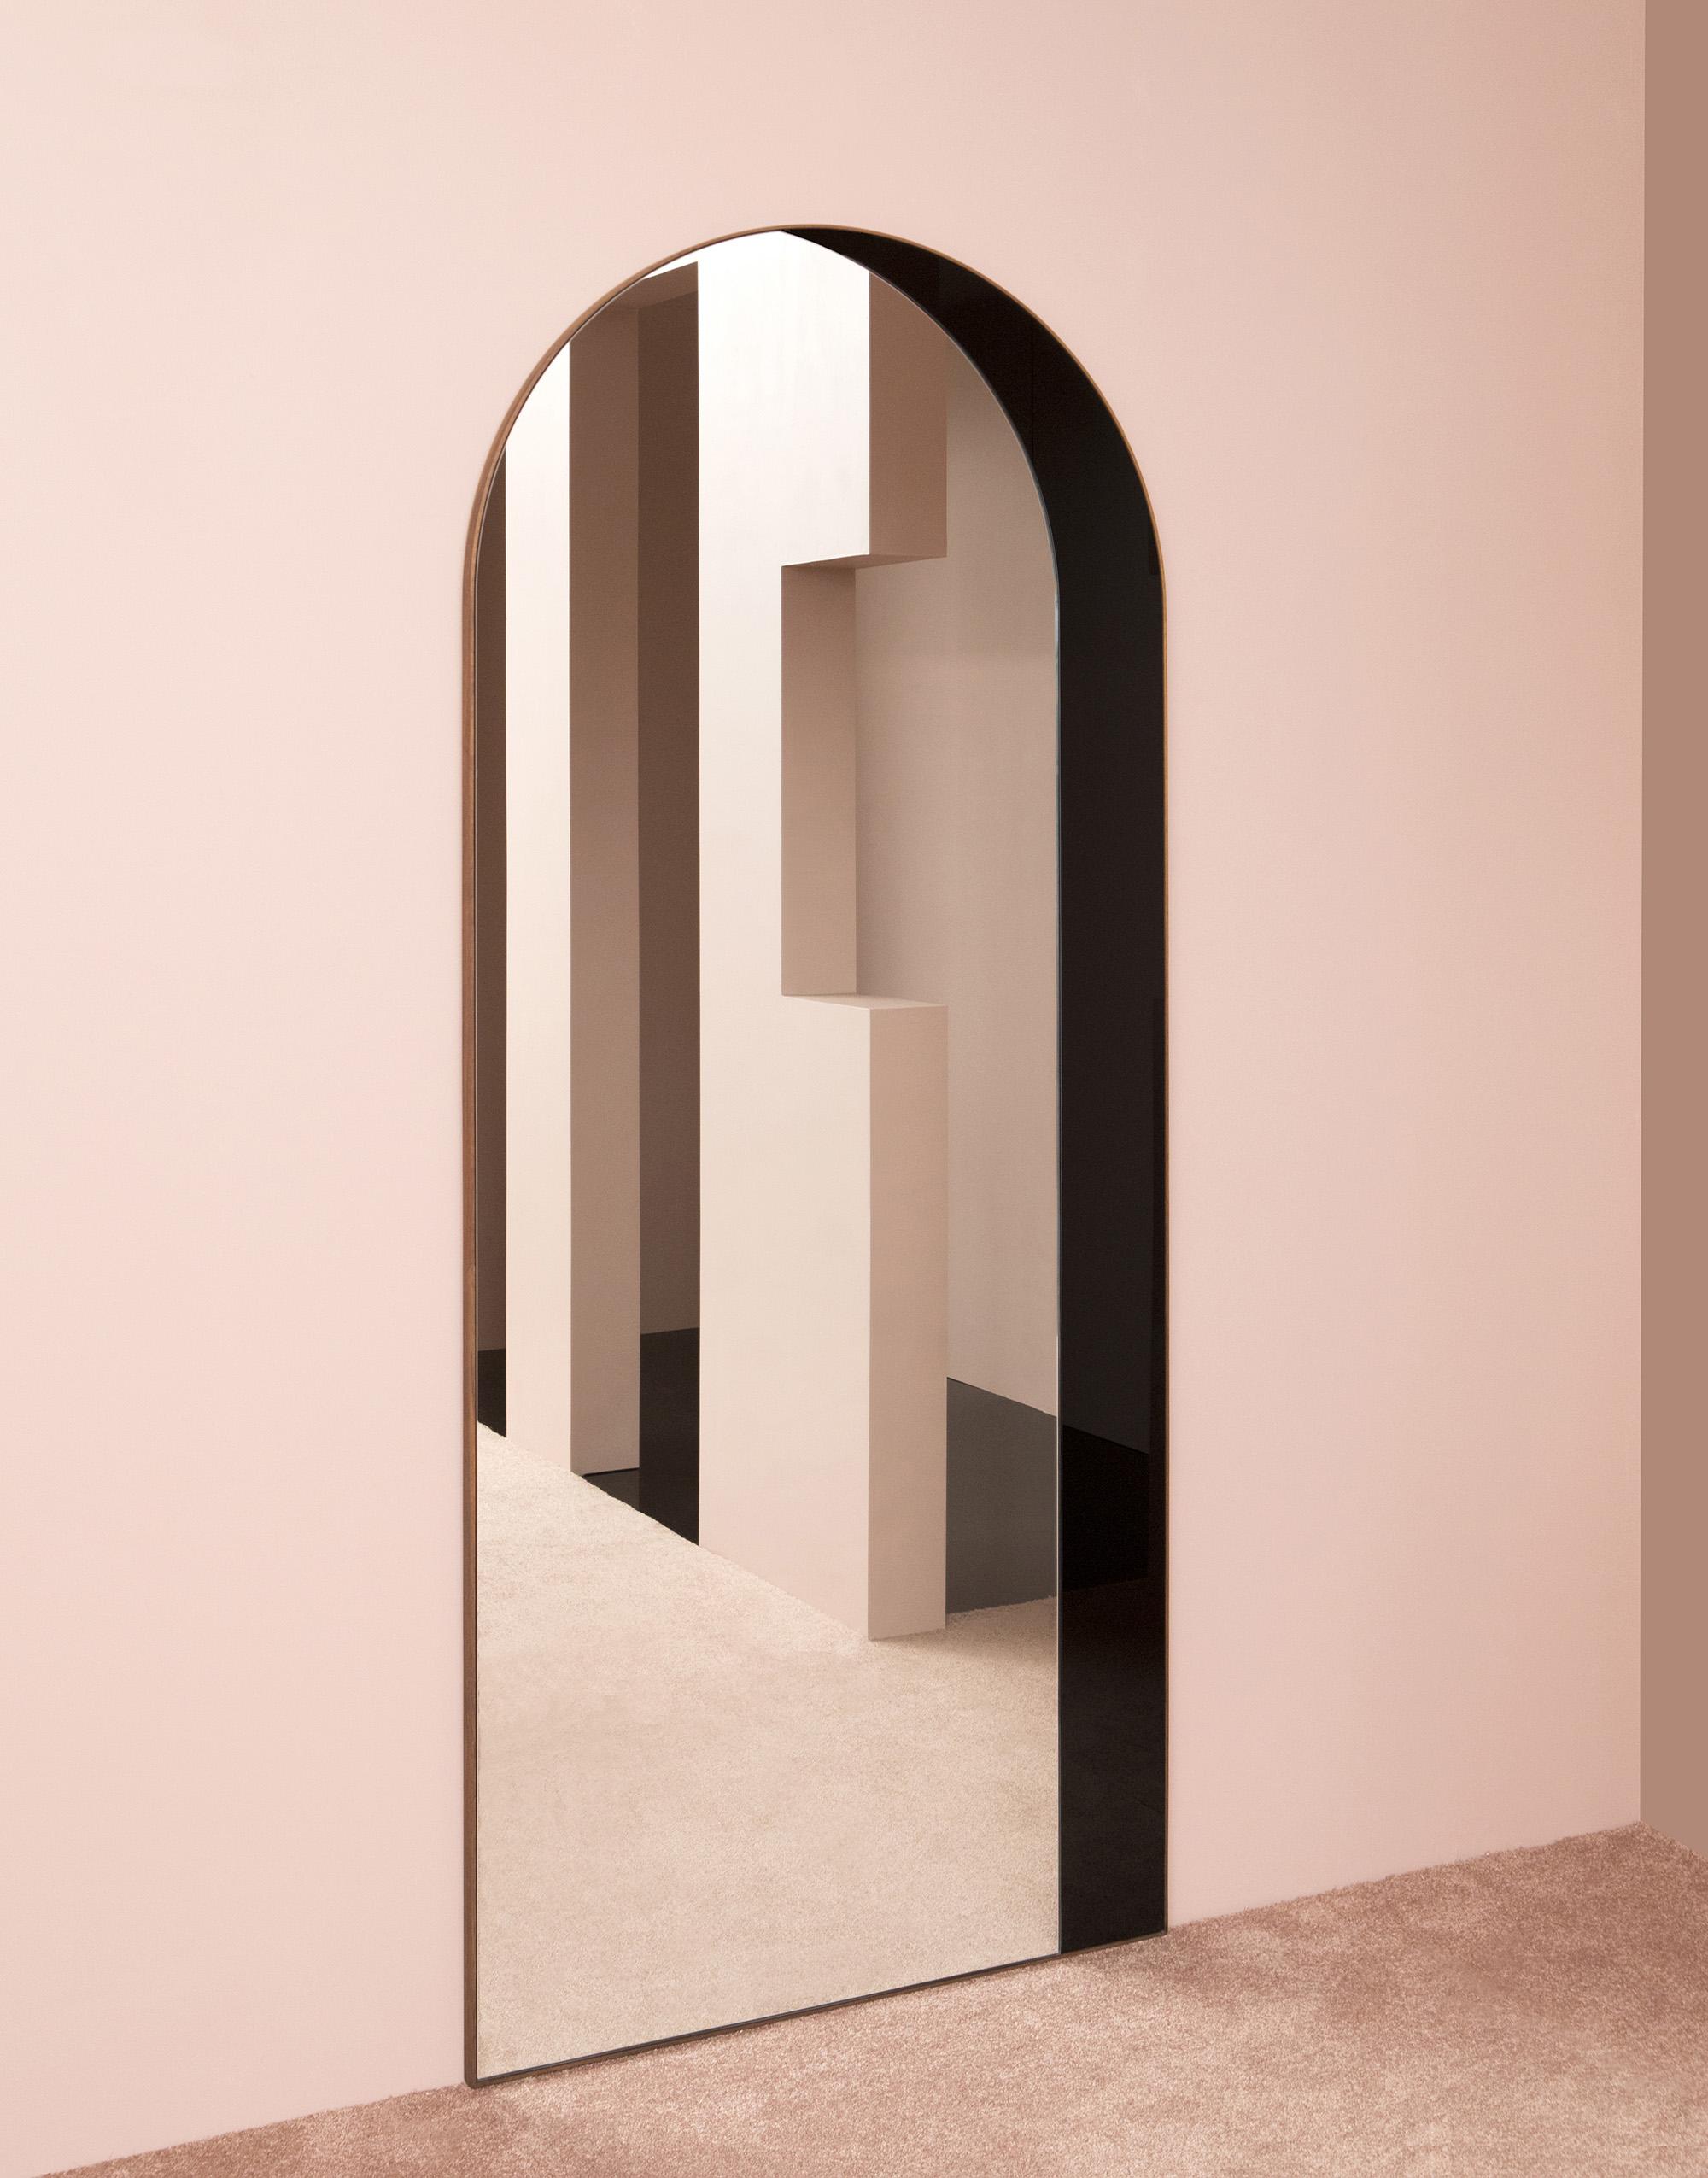 """Archway Mirror, Black and Clear Mirror, Steam Bent Walnut Frame, 84"""" x 36"""" x 1-1/4"""", Photo by Charlie Schuck"""